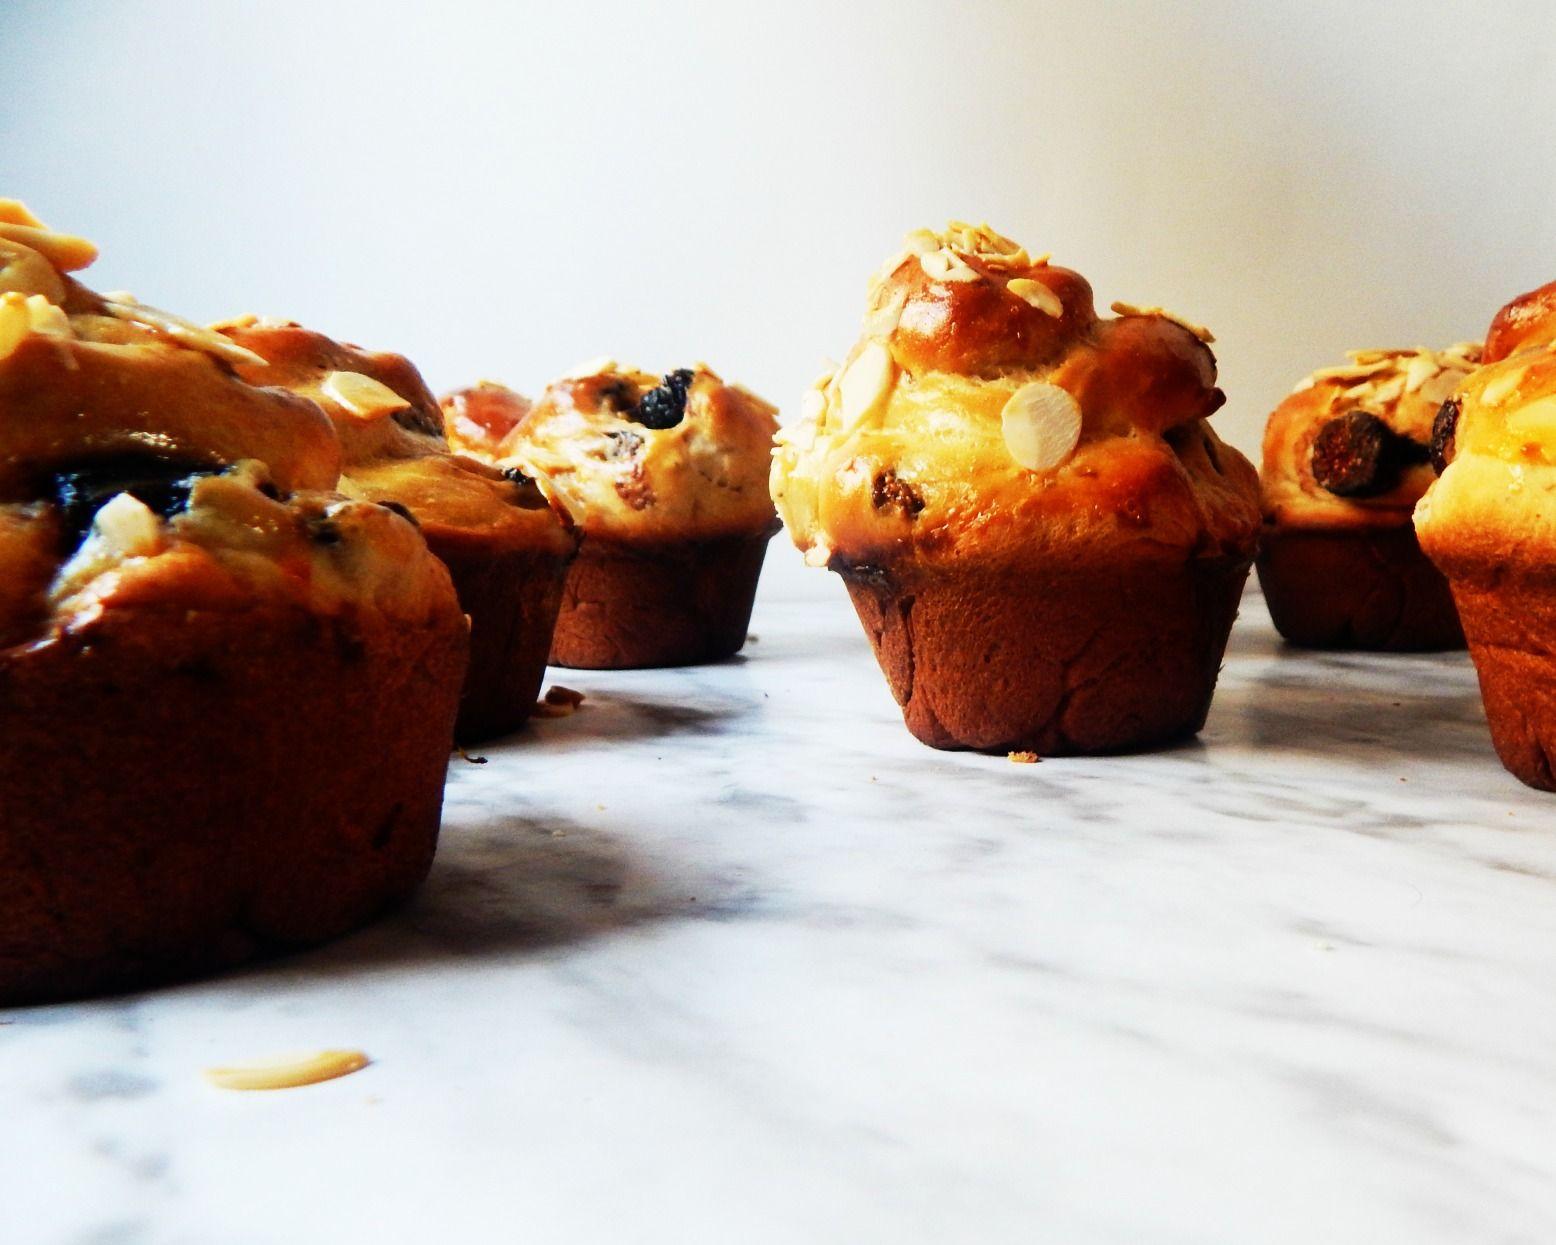 Bruni's boulangerie: Panes de Higo con Cardamomo